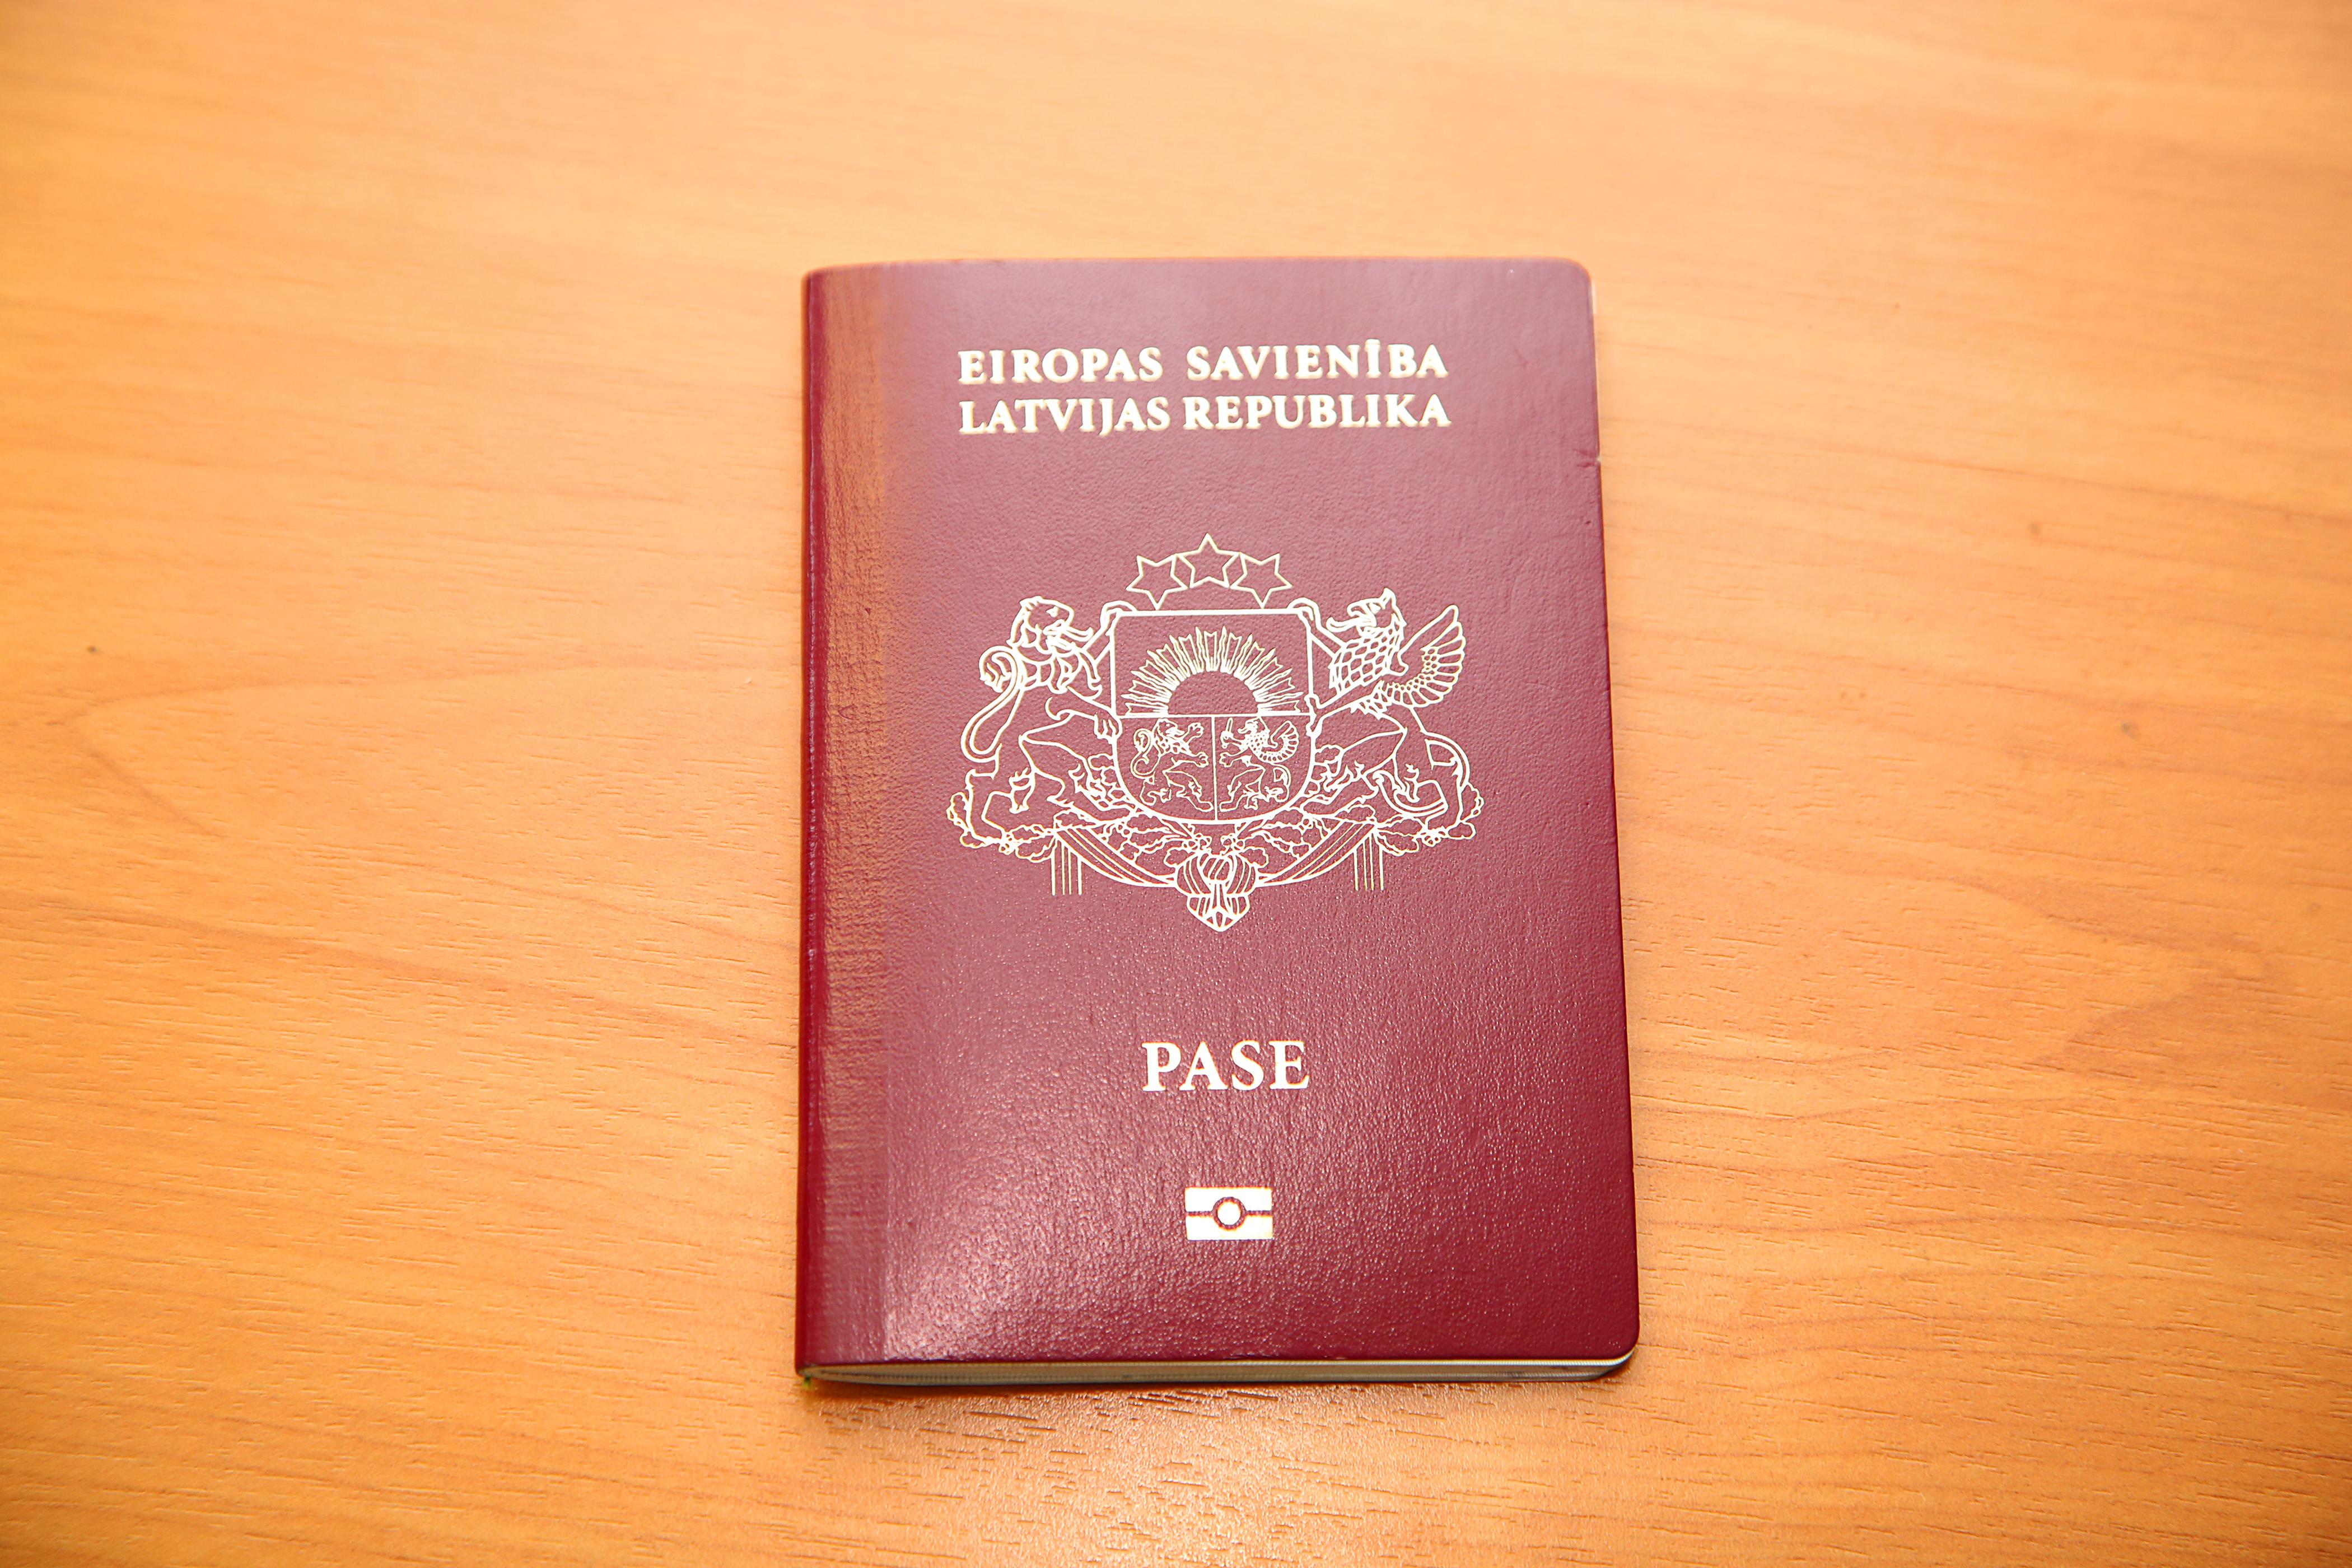 Латвийский паспорт, который могут получить россияне